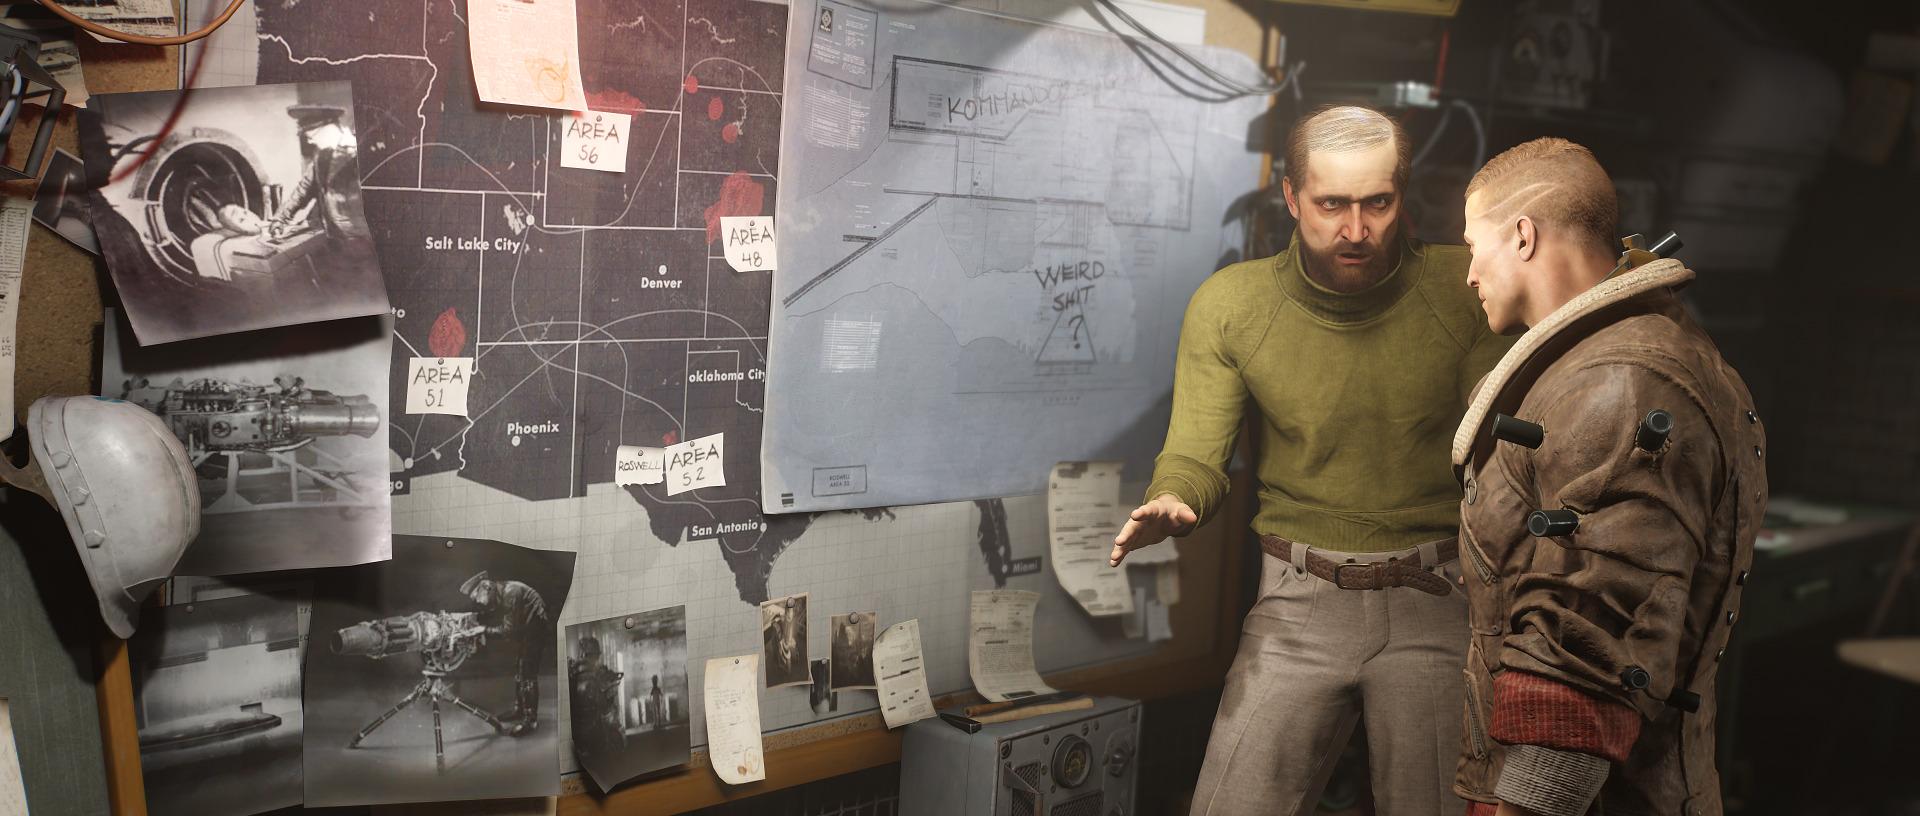 Ve Wolfenstein 2: The New Colossus se objeví známé i zcela nové postavy 148950